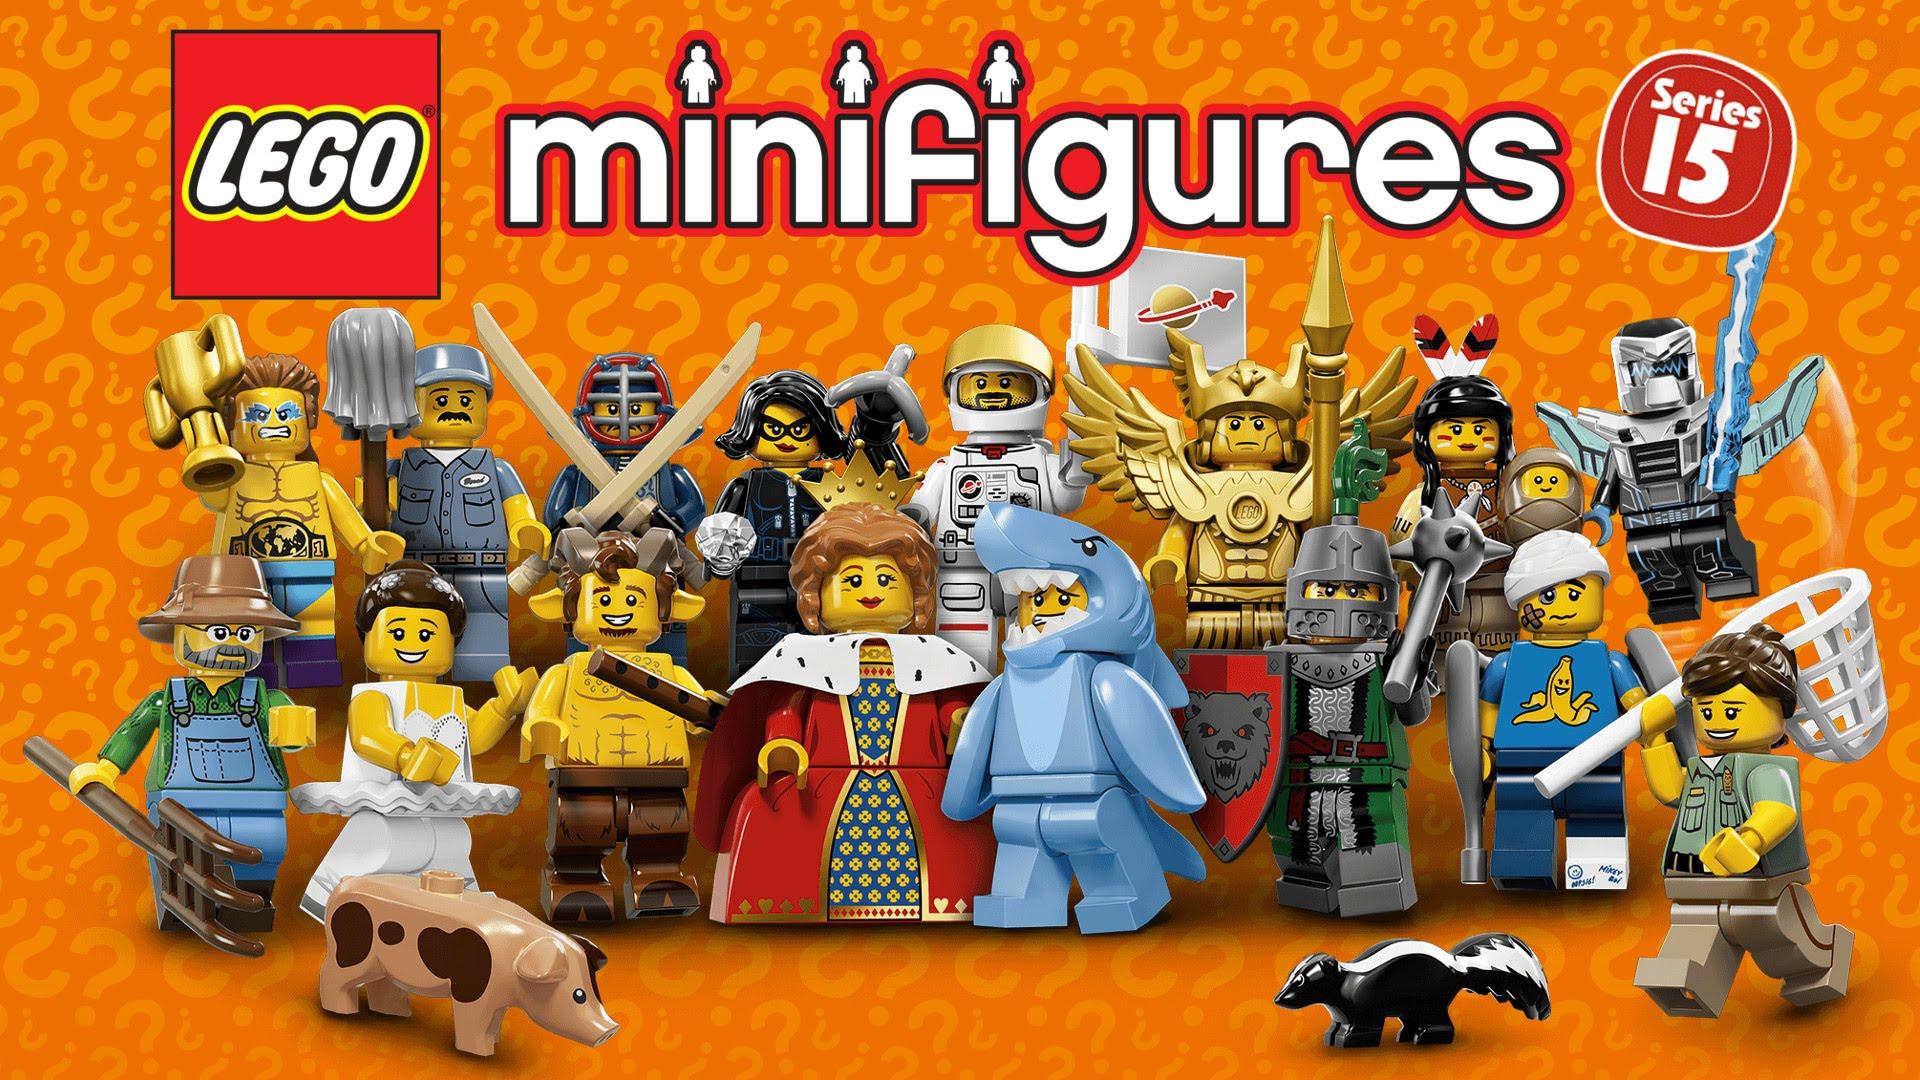 Đồ Chơi Xếp Hình Nhân Vật LEGO số 15 Thương Hiệu LEGO